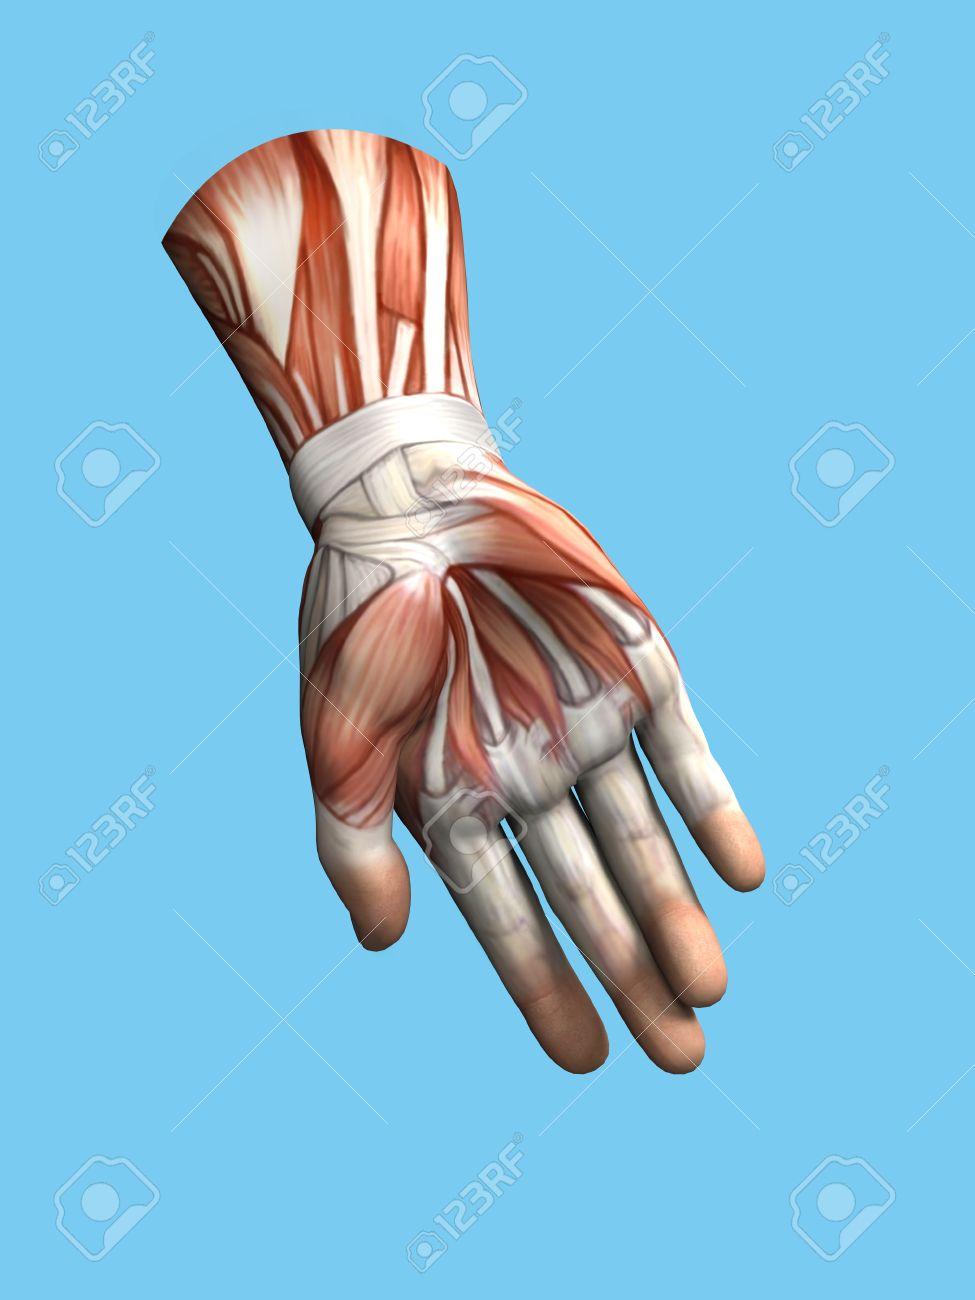 Vista Anatomía De Mano Y La Muñeca De Un Hombre Incluyendo Abductor ...